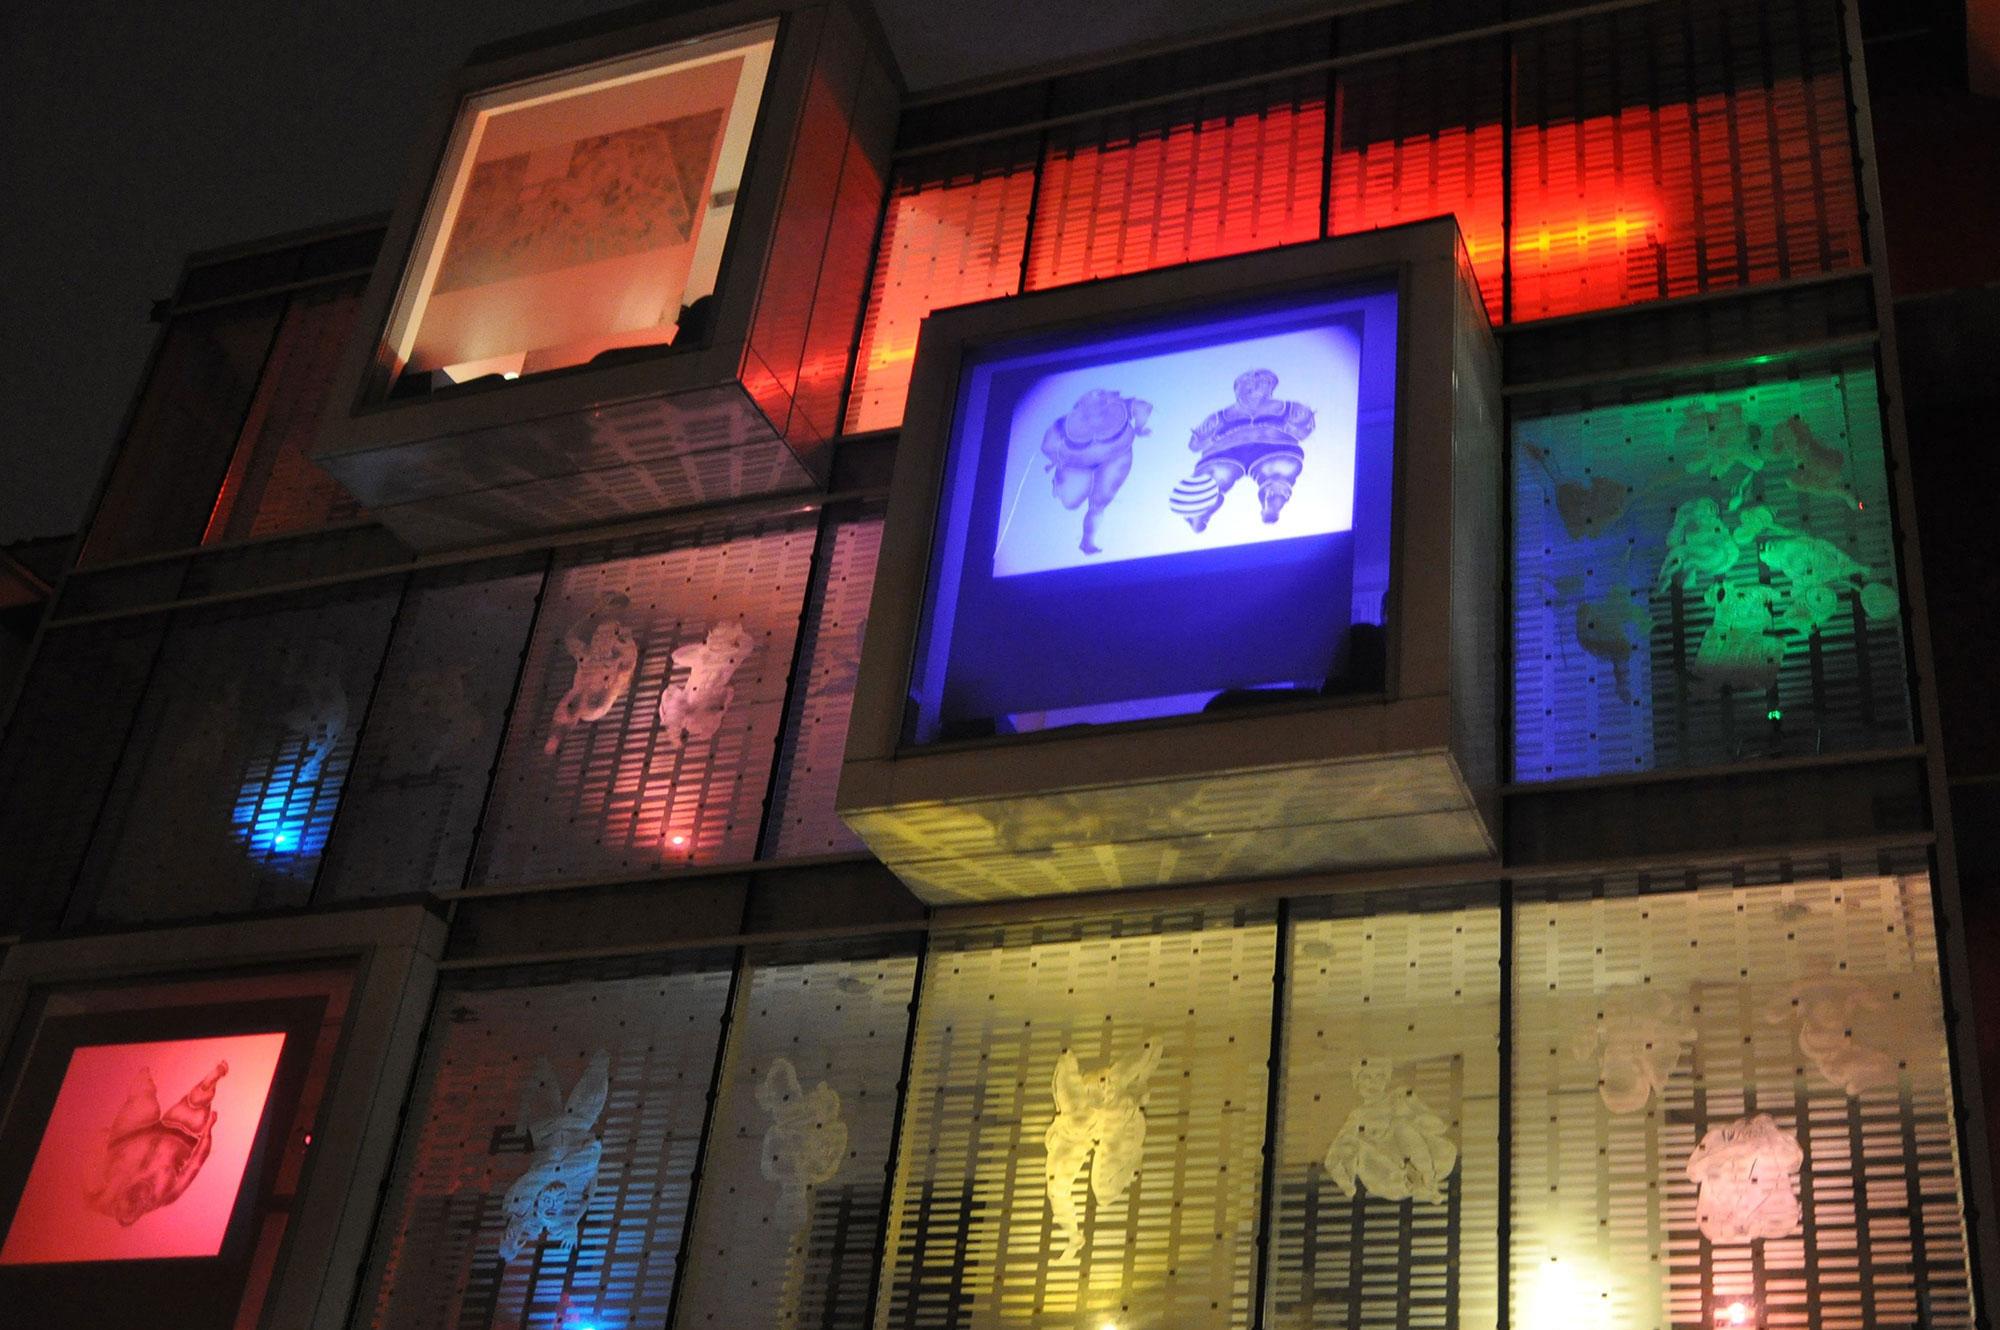 Mise en lumière à la Maison des Ensemble, Nuit Blanche 2012